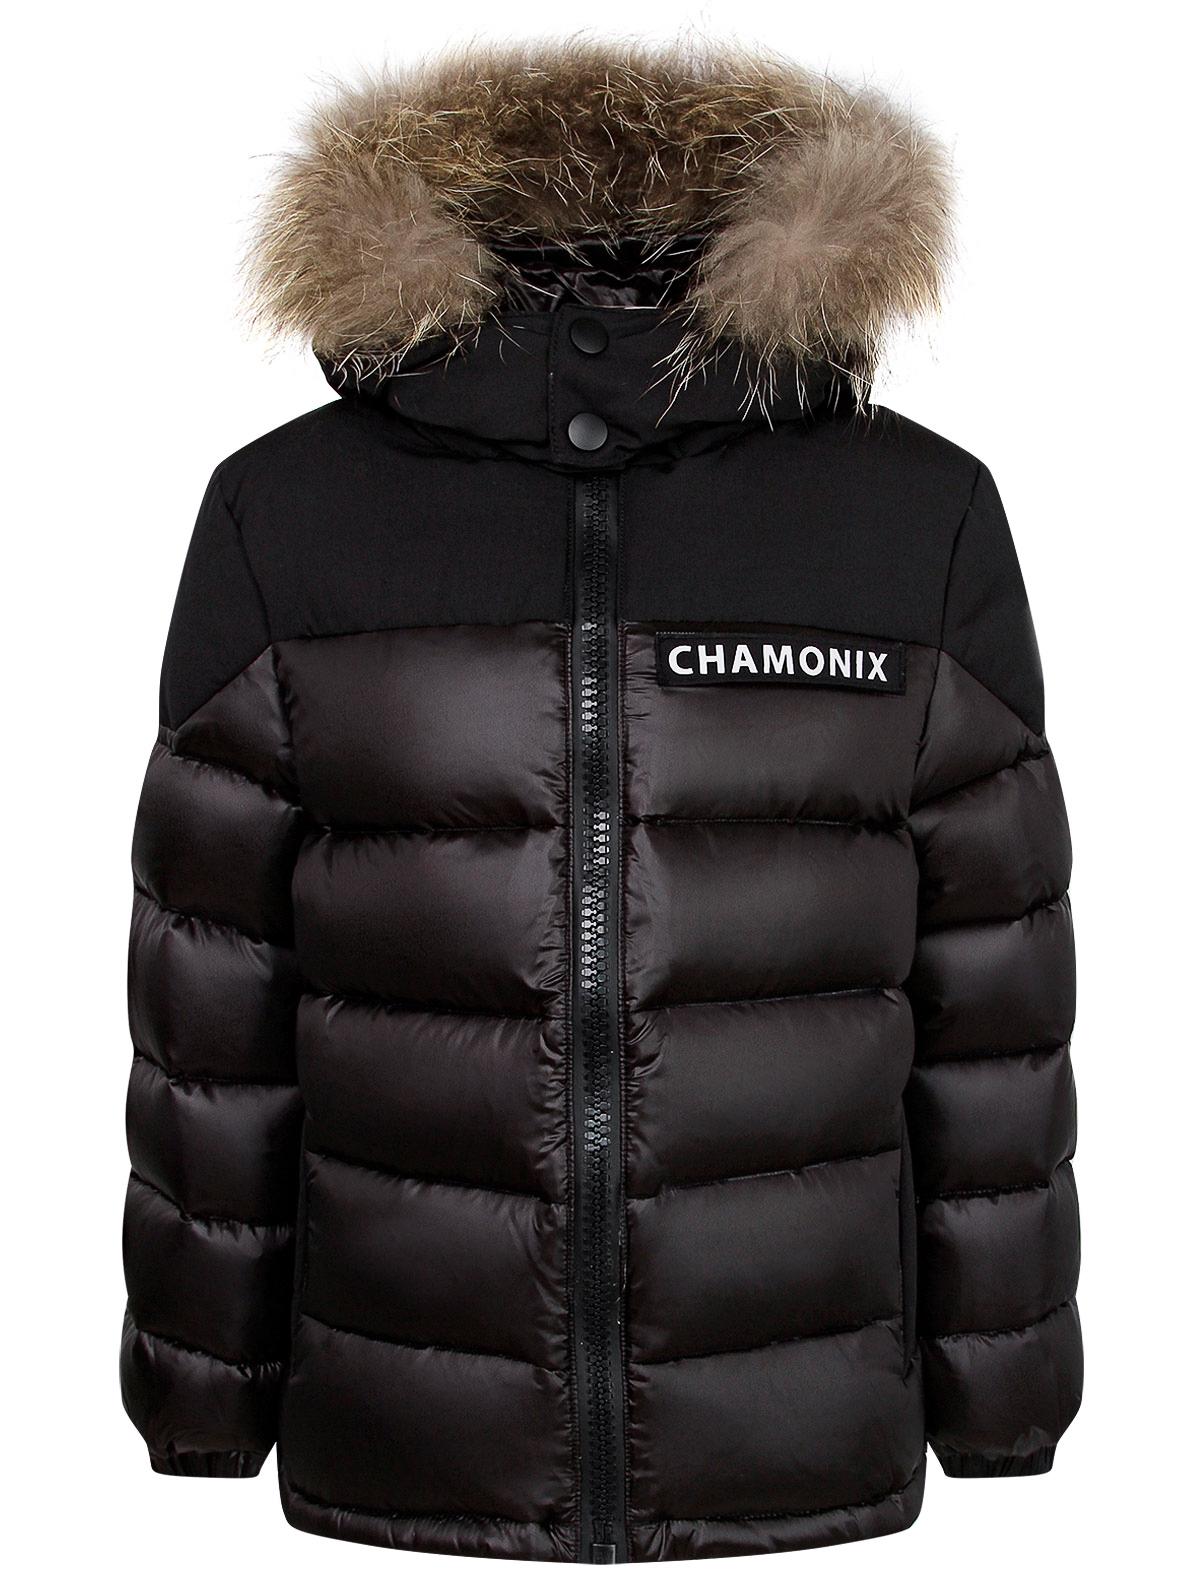 2245643, Куртка CLIX, черный, Мужской, 1074519081422  - купить со скидкой